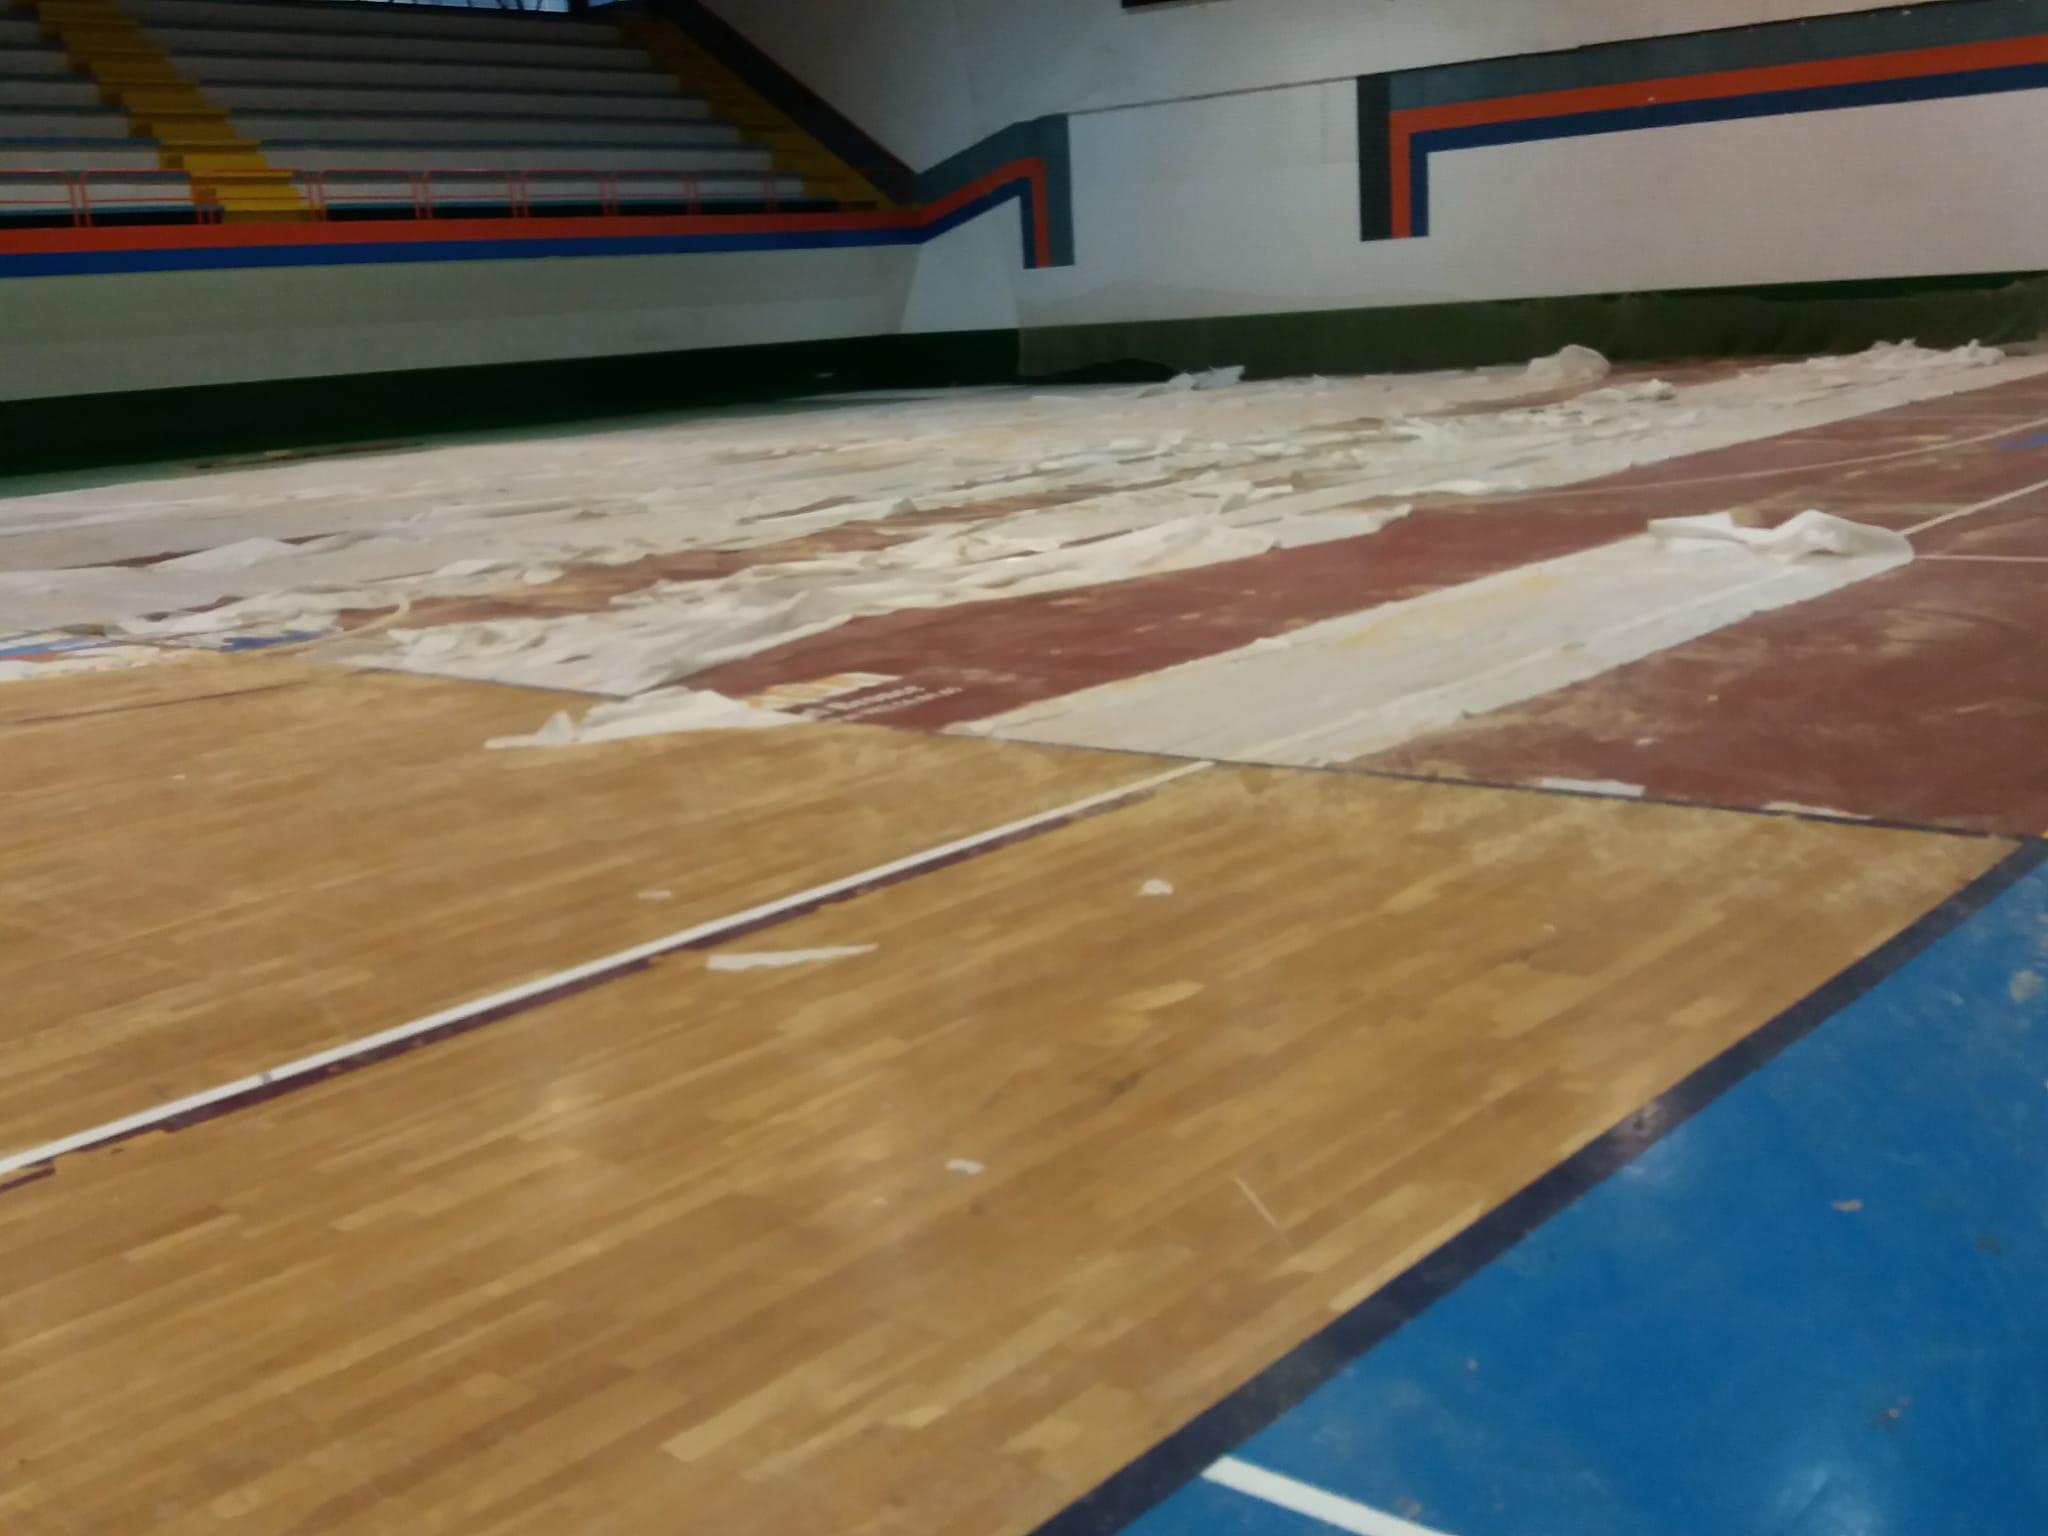 arrancado pavimento deportivo